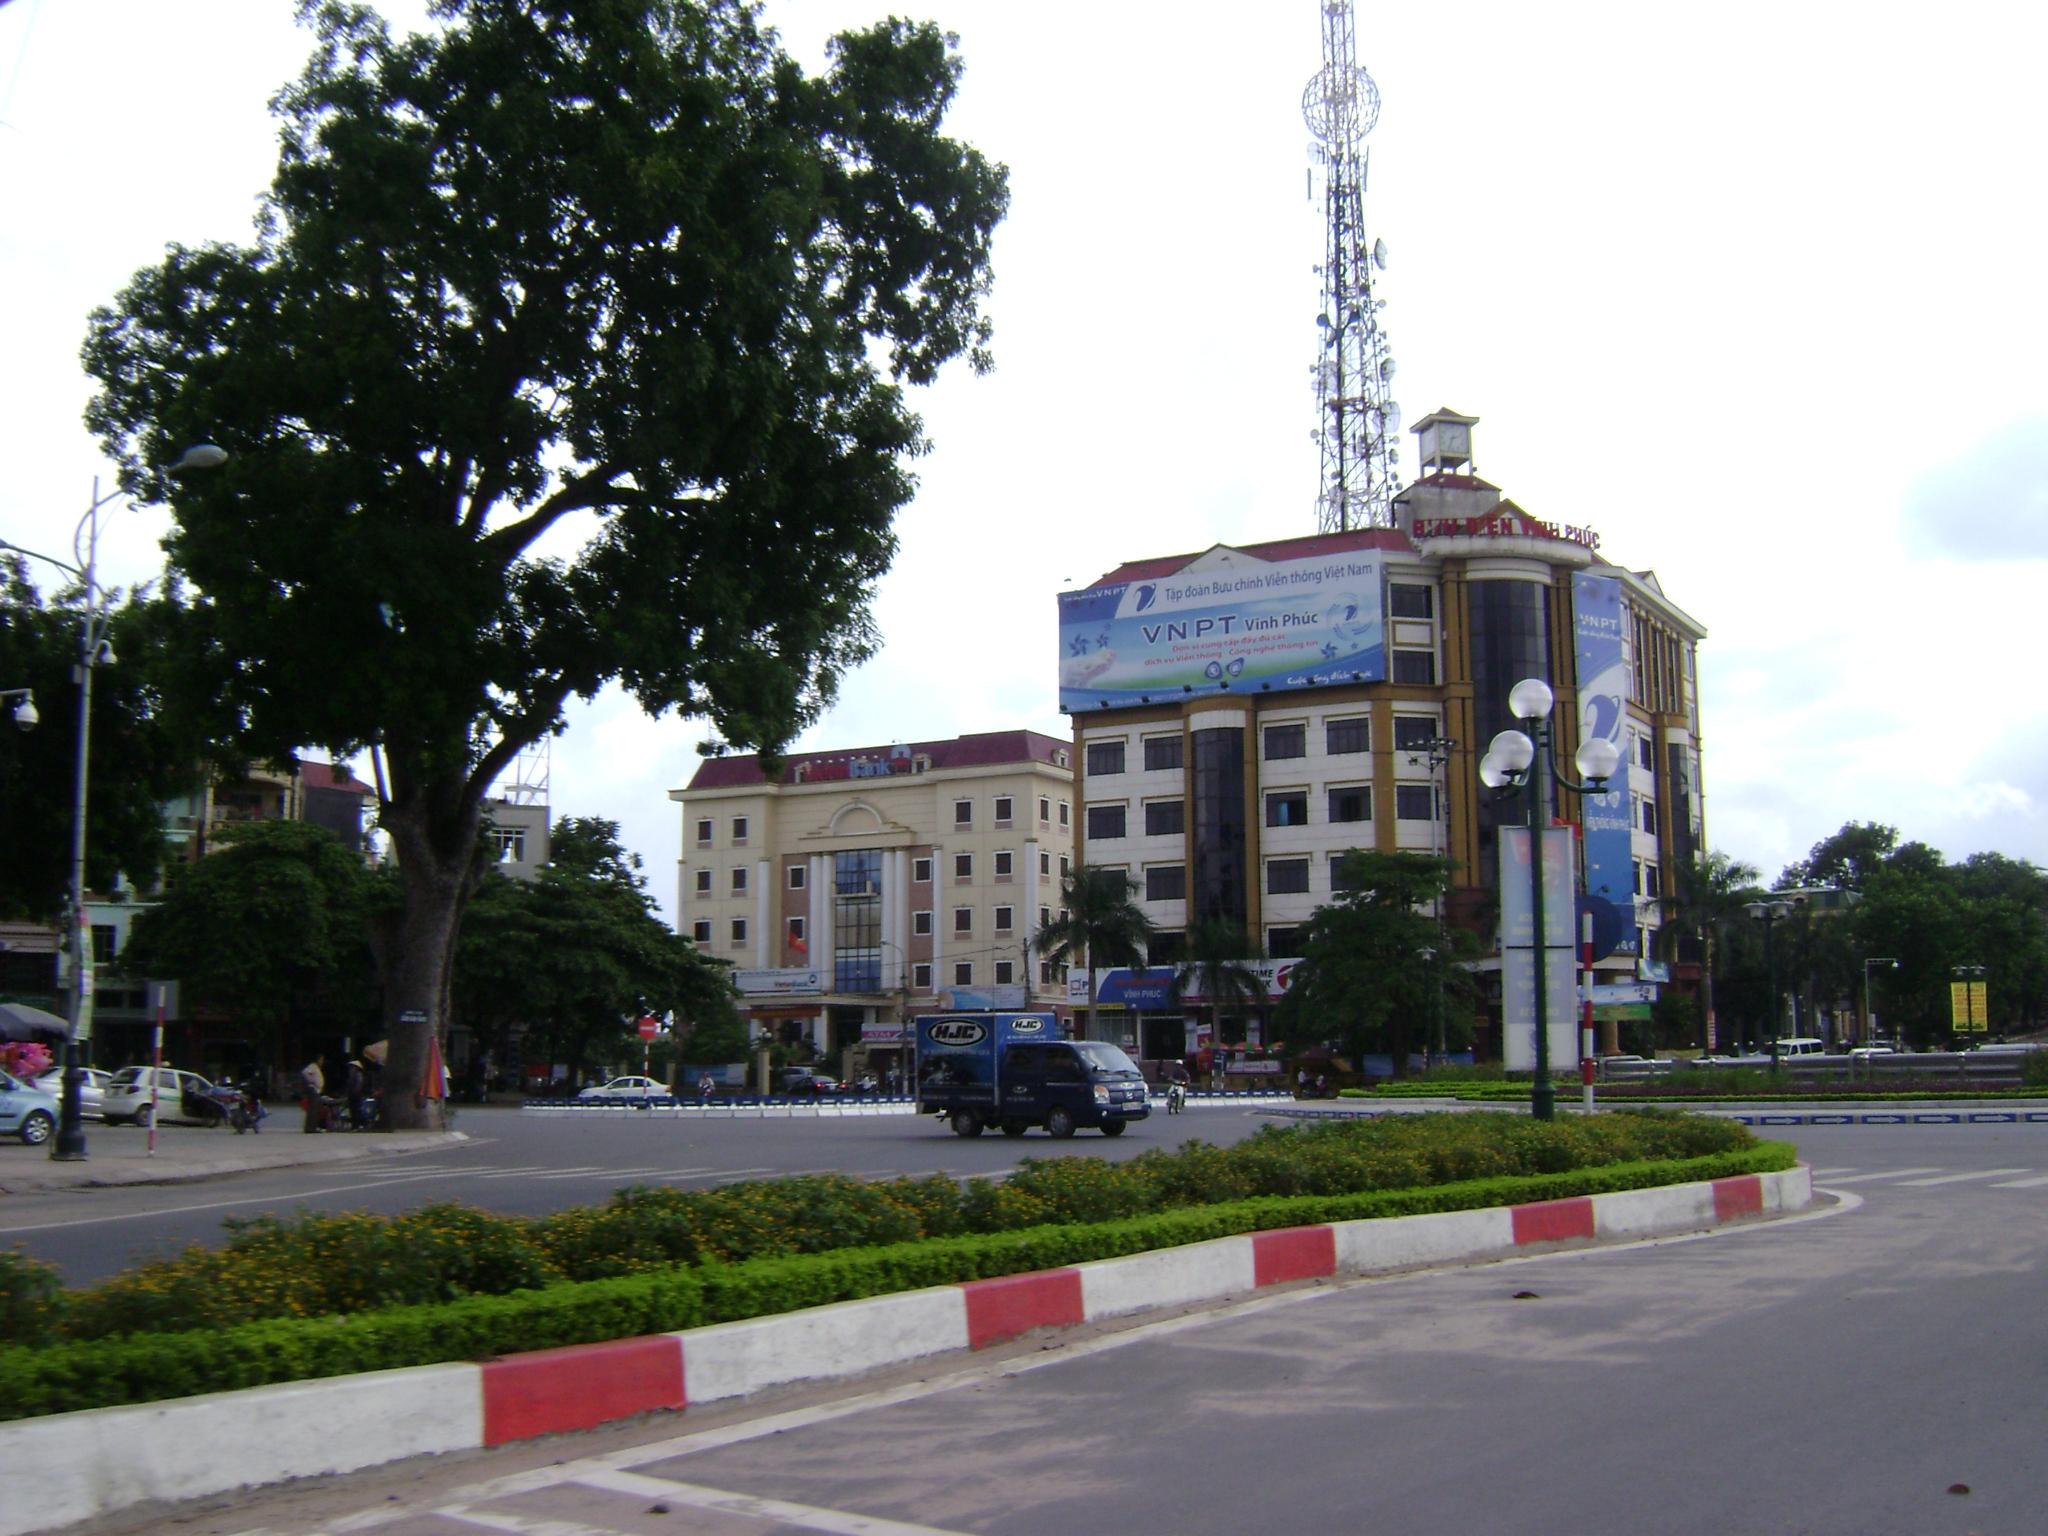 Thành tựu nổi bật trong phát triển kinh tế của Vĩnh Phúc sau 20 năm tái lập tỉnh